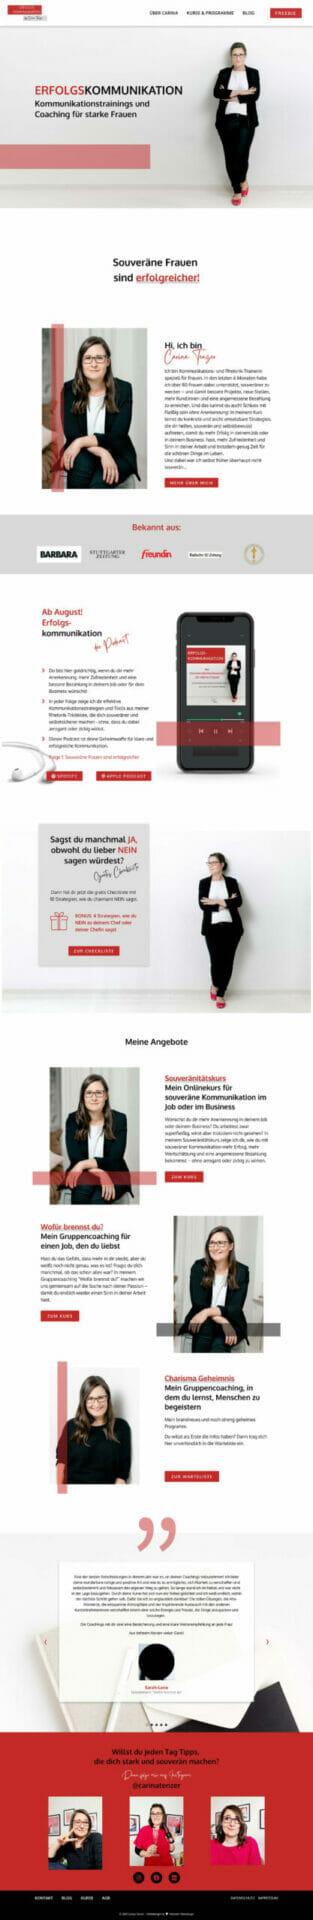 Carina-Tenzer-Kommunikationstraining für Frauen